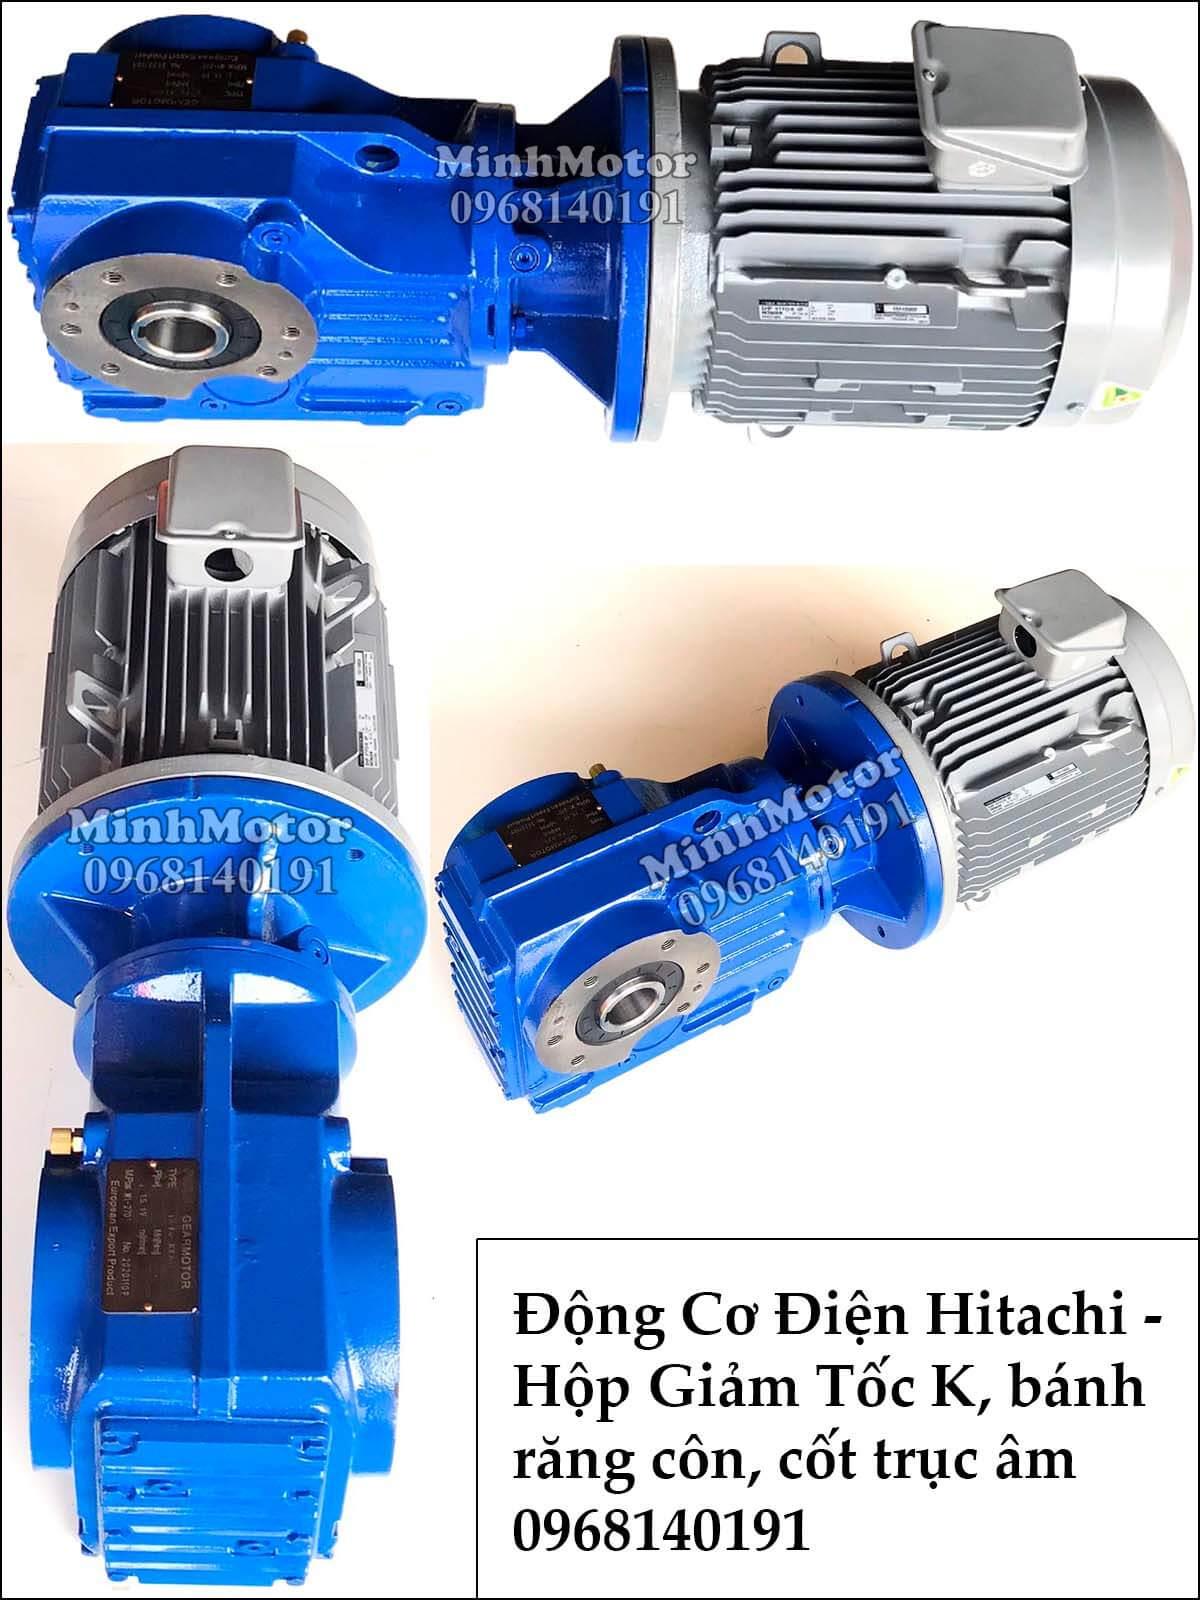 Hộp giảm tốc Hitachi bánh răng côn xoắn K57, 1.5Kw 2Hp cốt âm